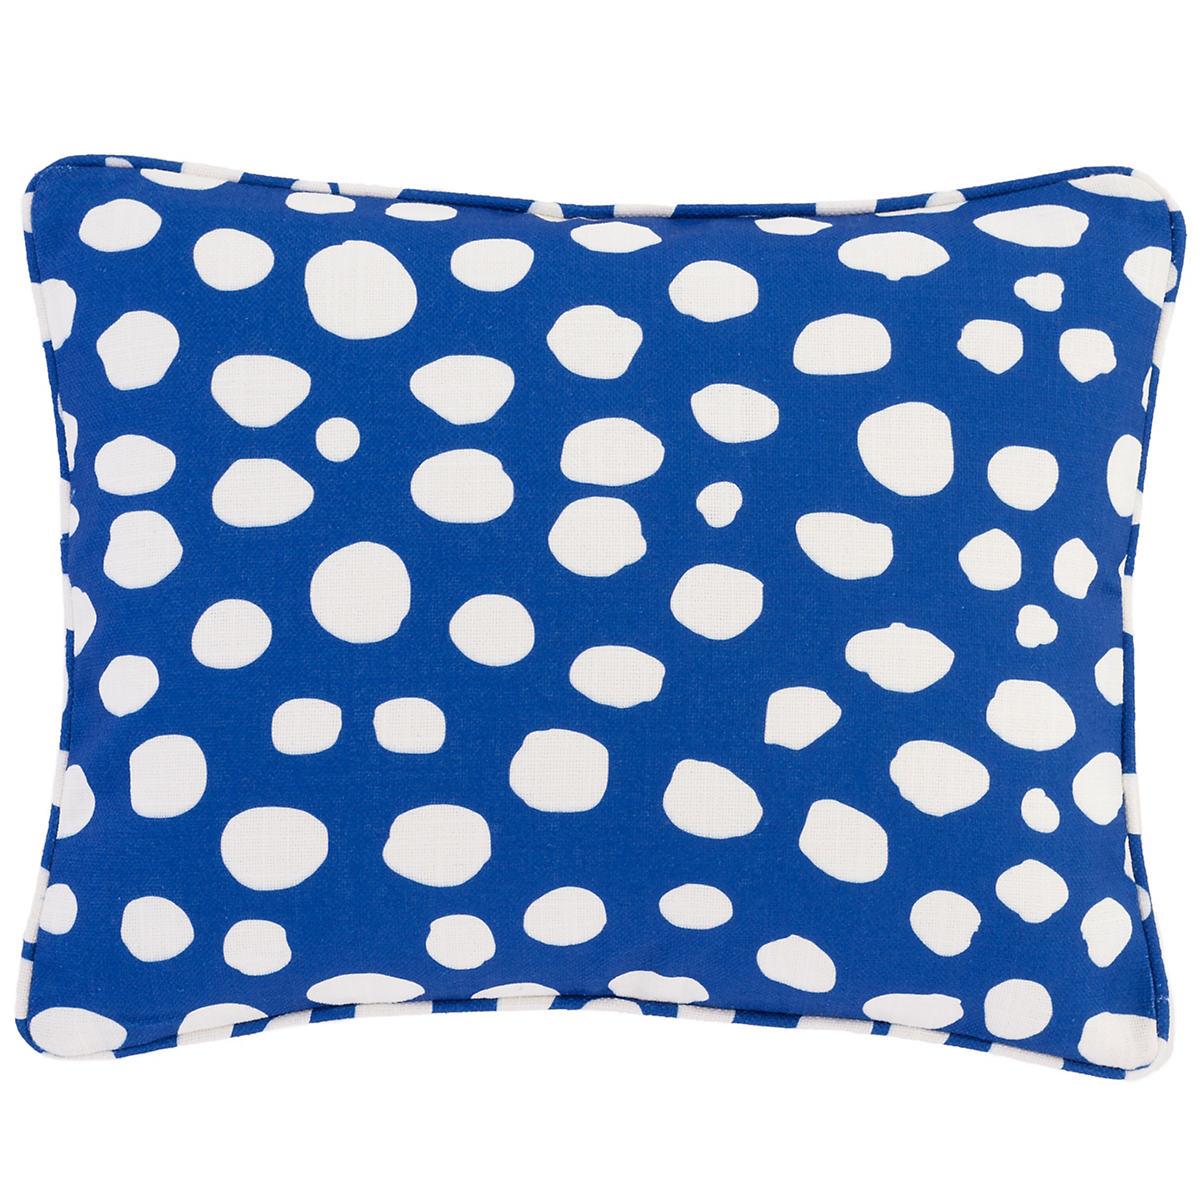 Spot On Cobalt Indoor/Outdoor Decorative Pillow